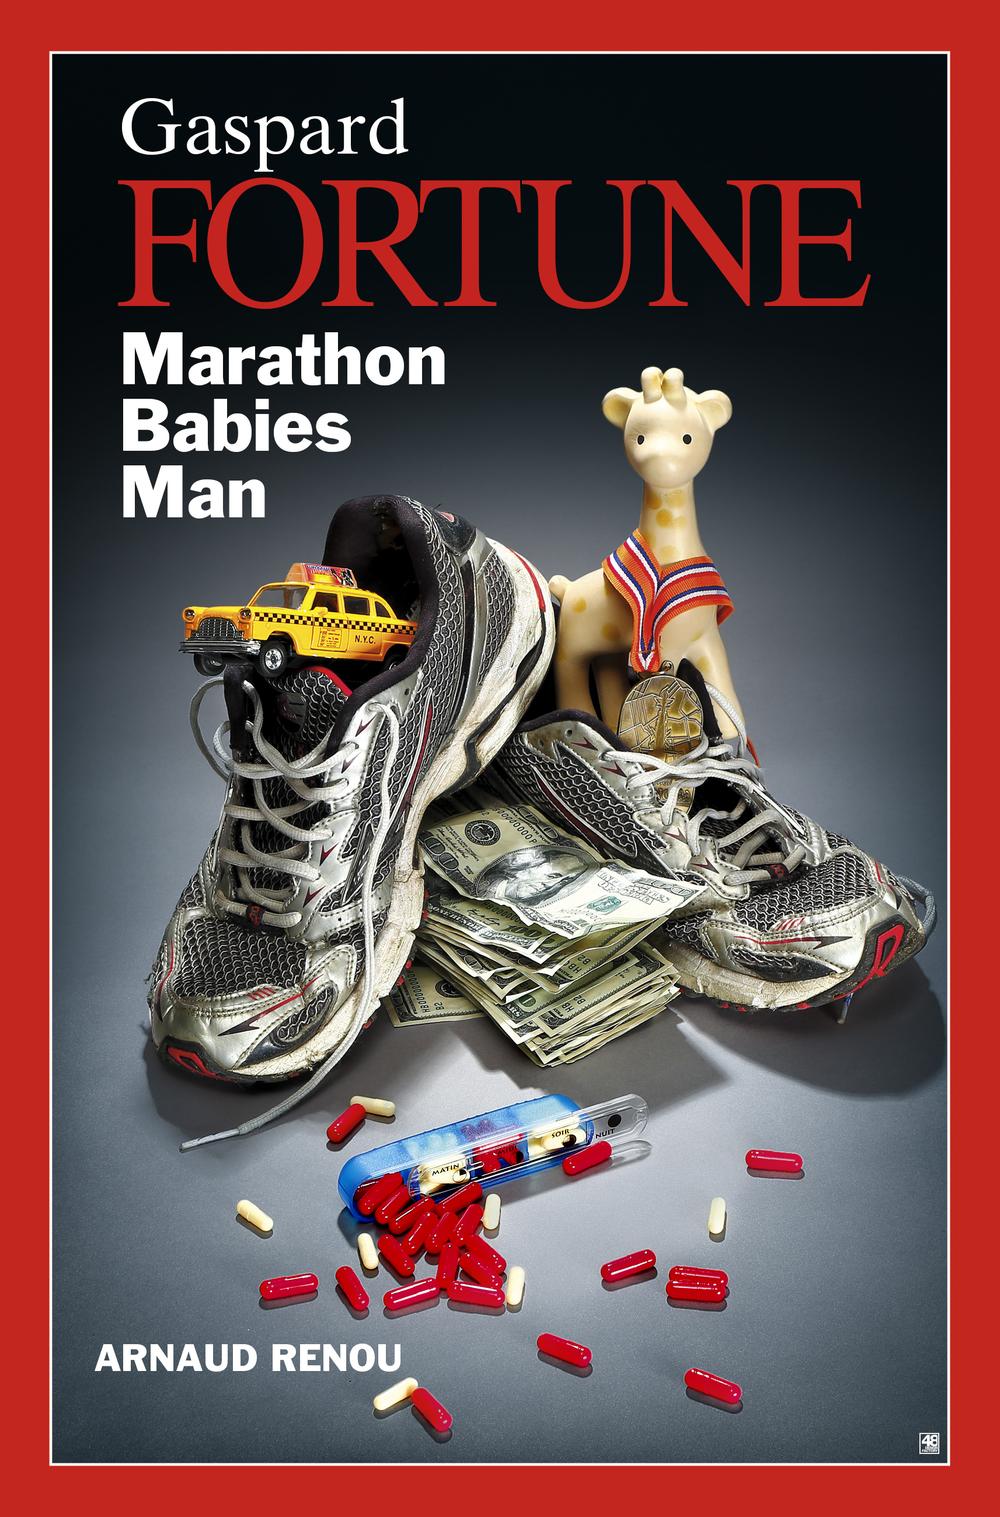 Gaspard Fortune Marathon babies man